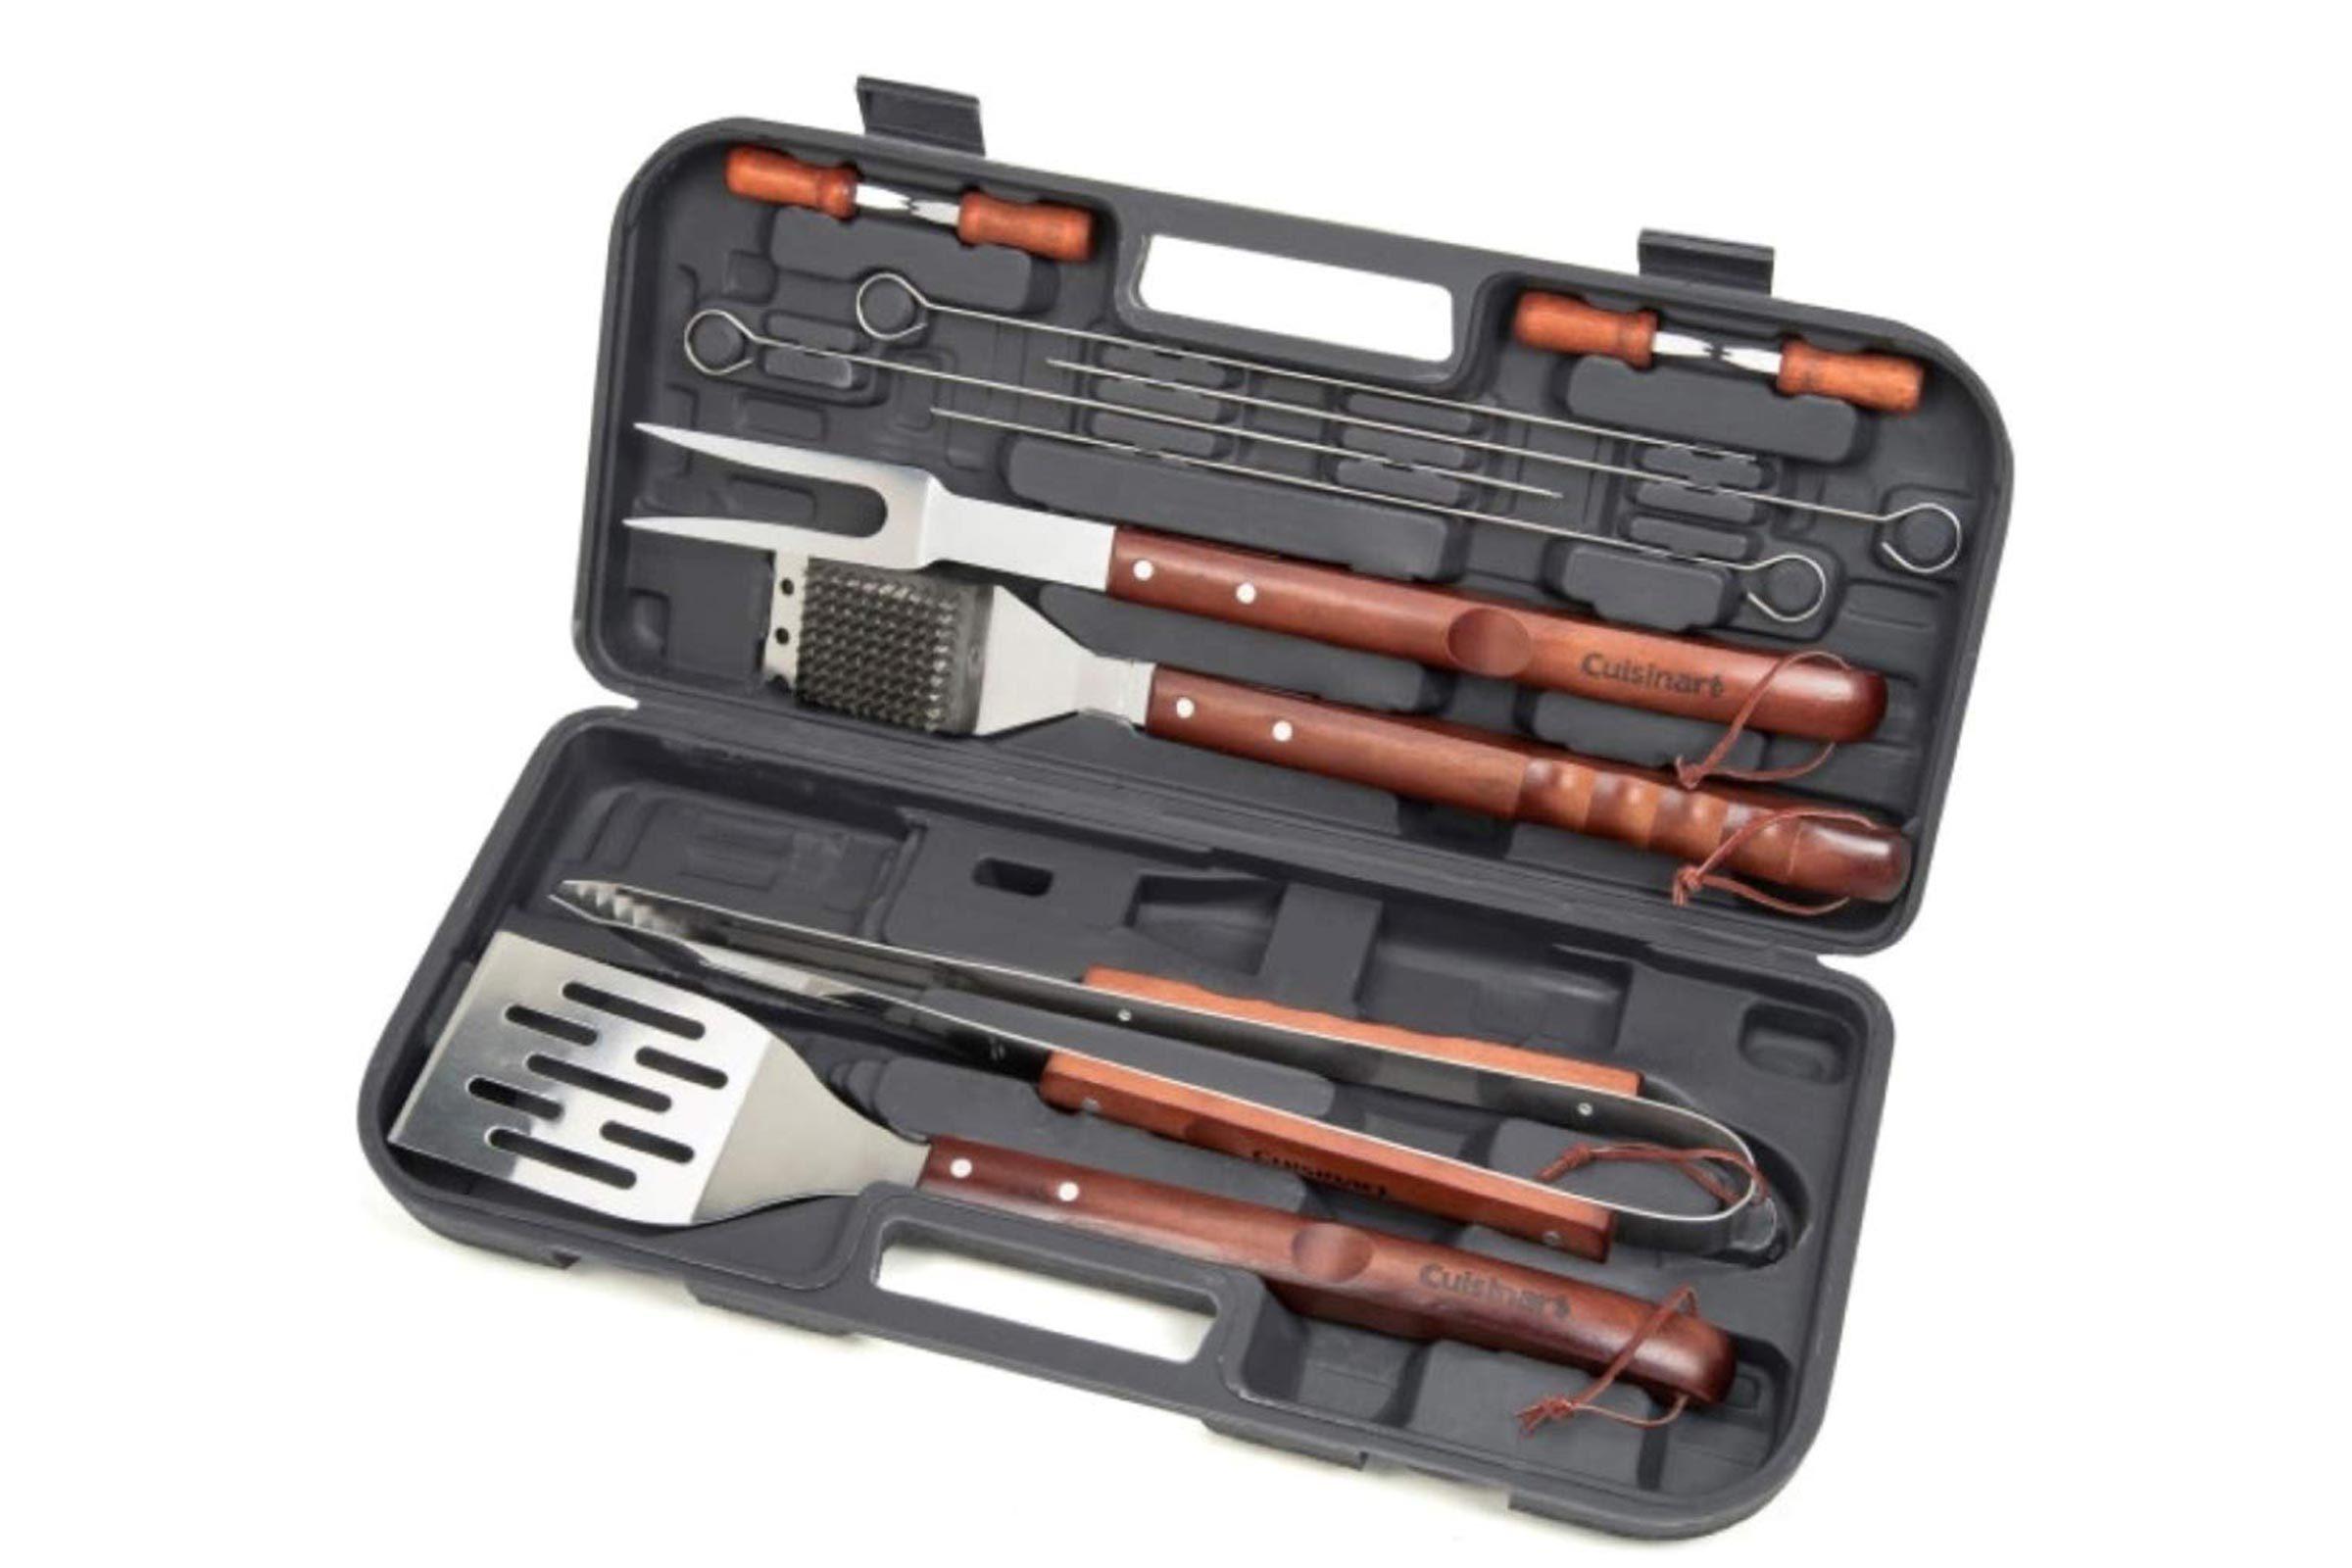 03_Cuisinart-13-Piece-Wooden-Handle-Tool-Set